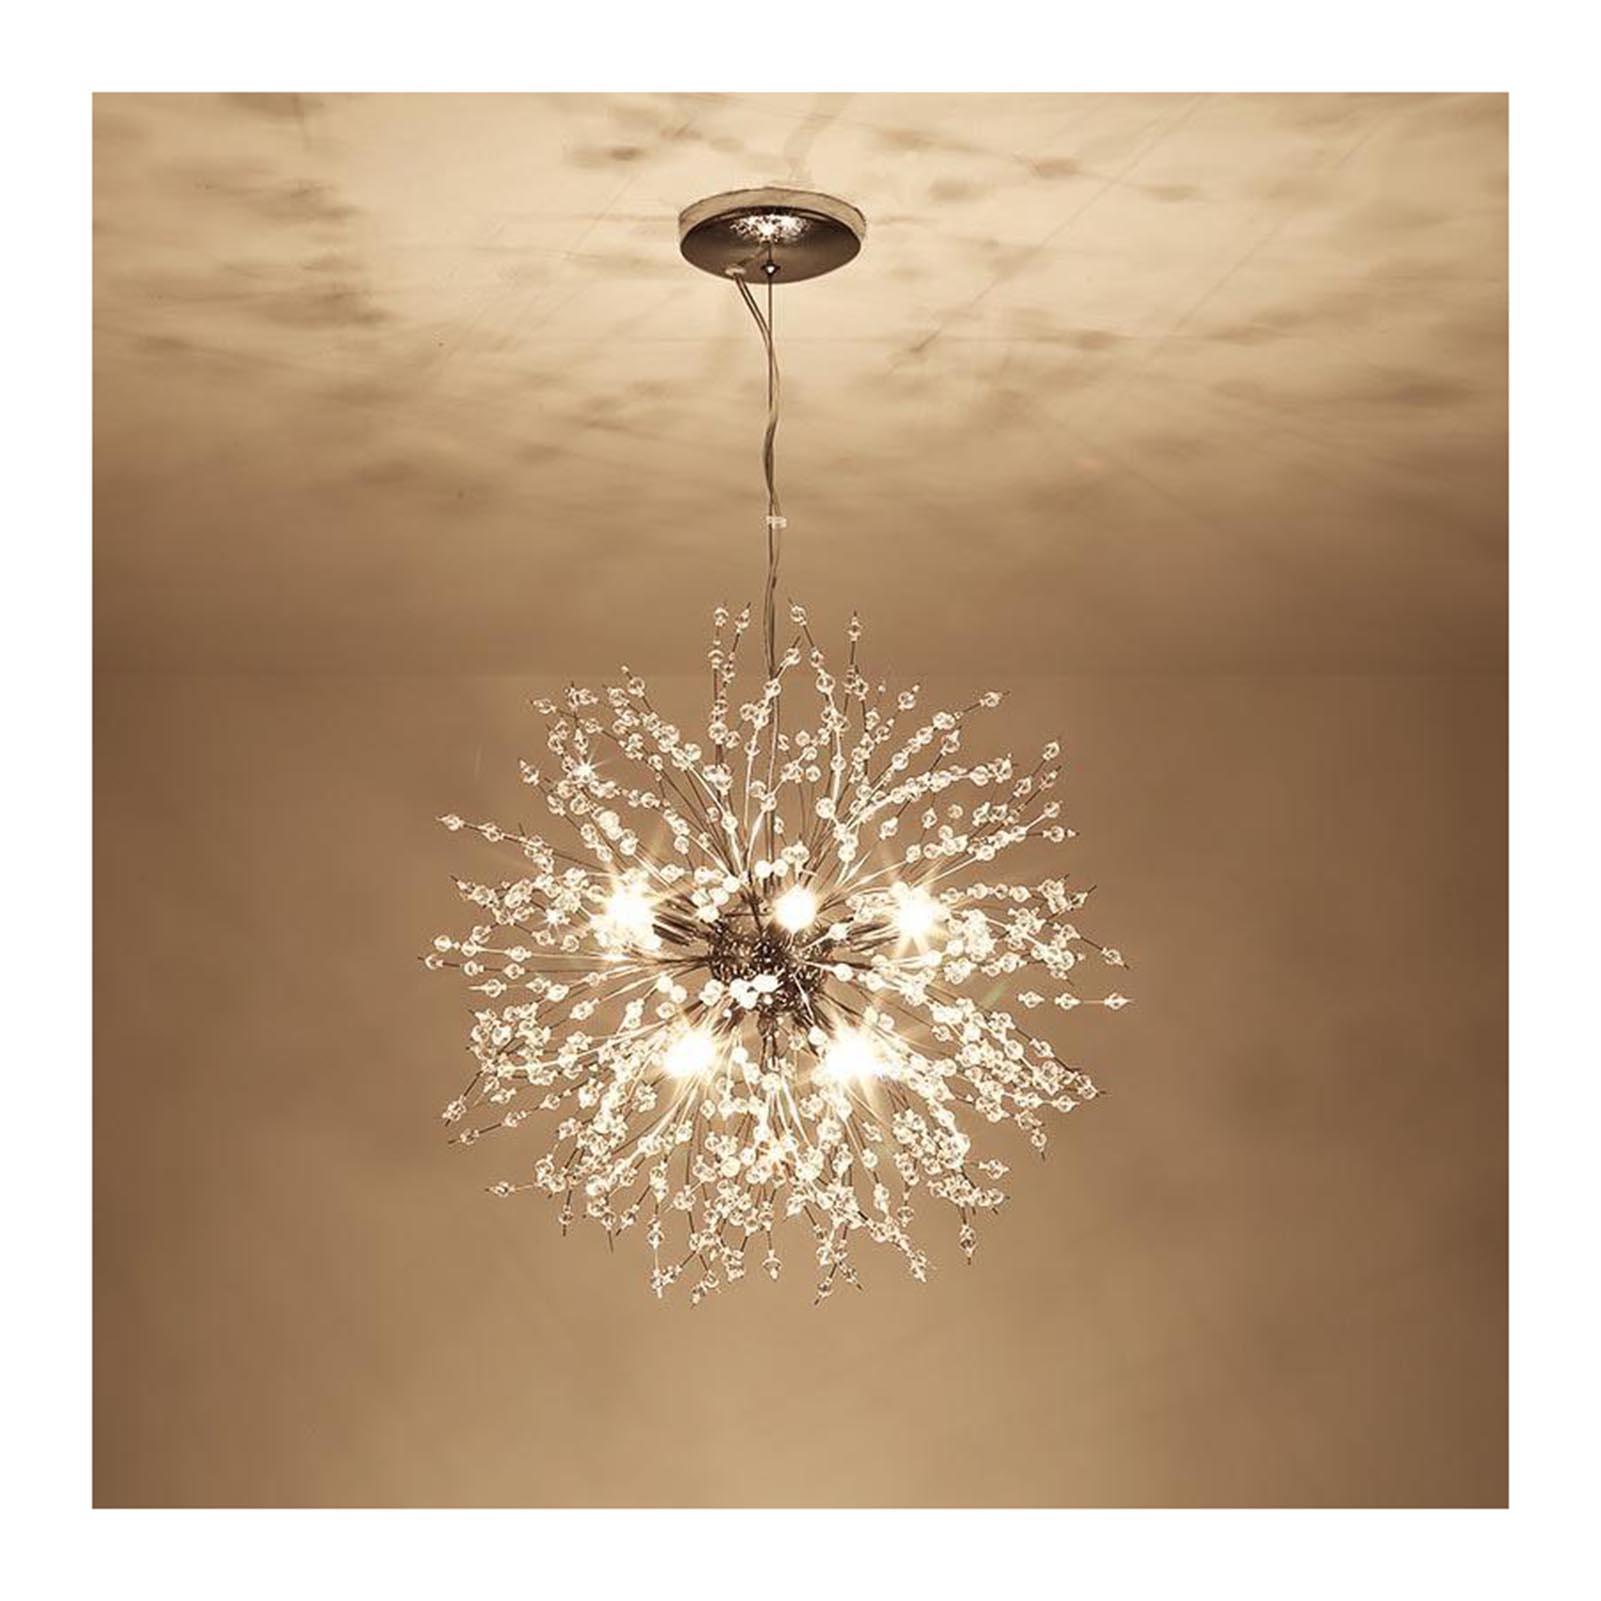 الإبداعية الهندباء الثريا الكريستال أضواء الثريا LED معلقة مستديرة الحديثة قلادة ضوء لغرفة الديكور PR